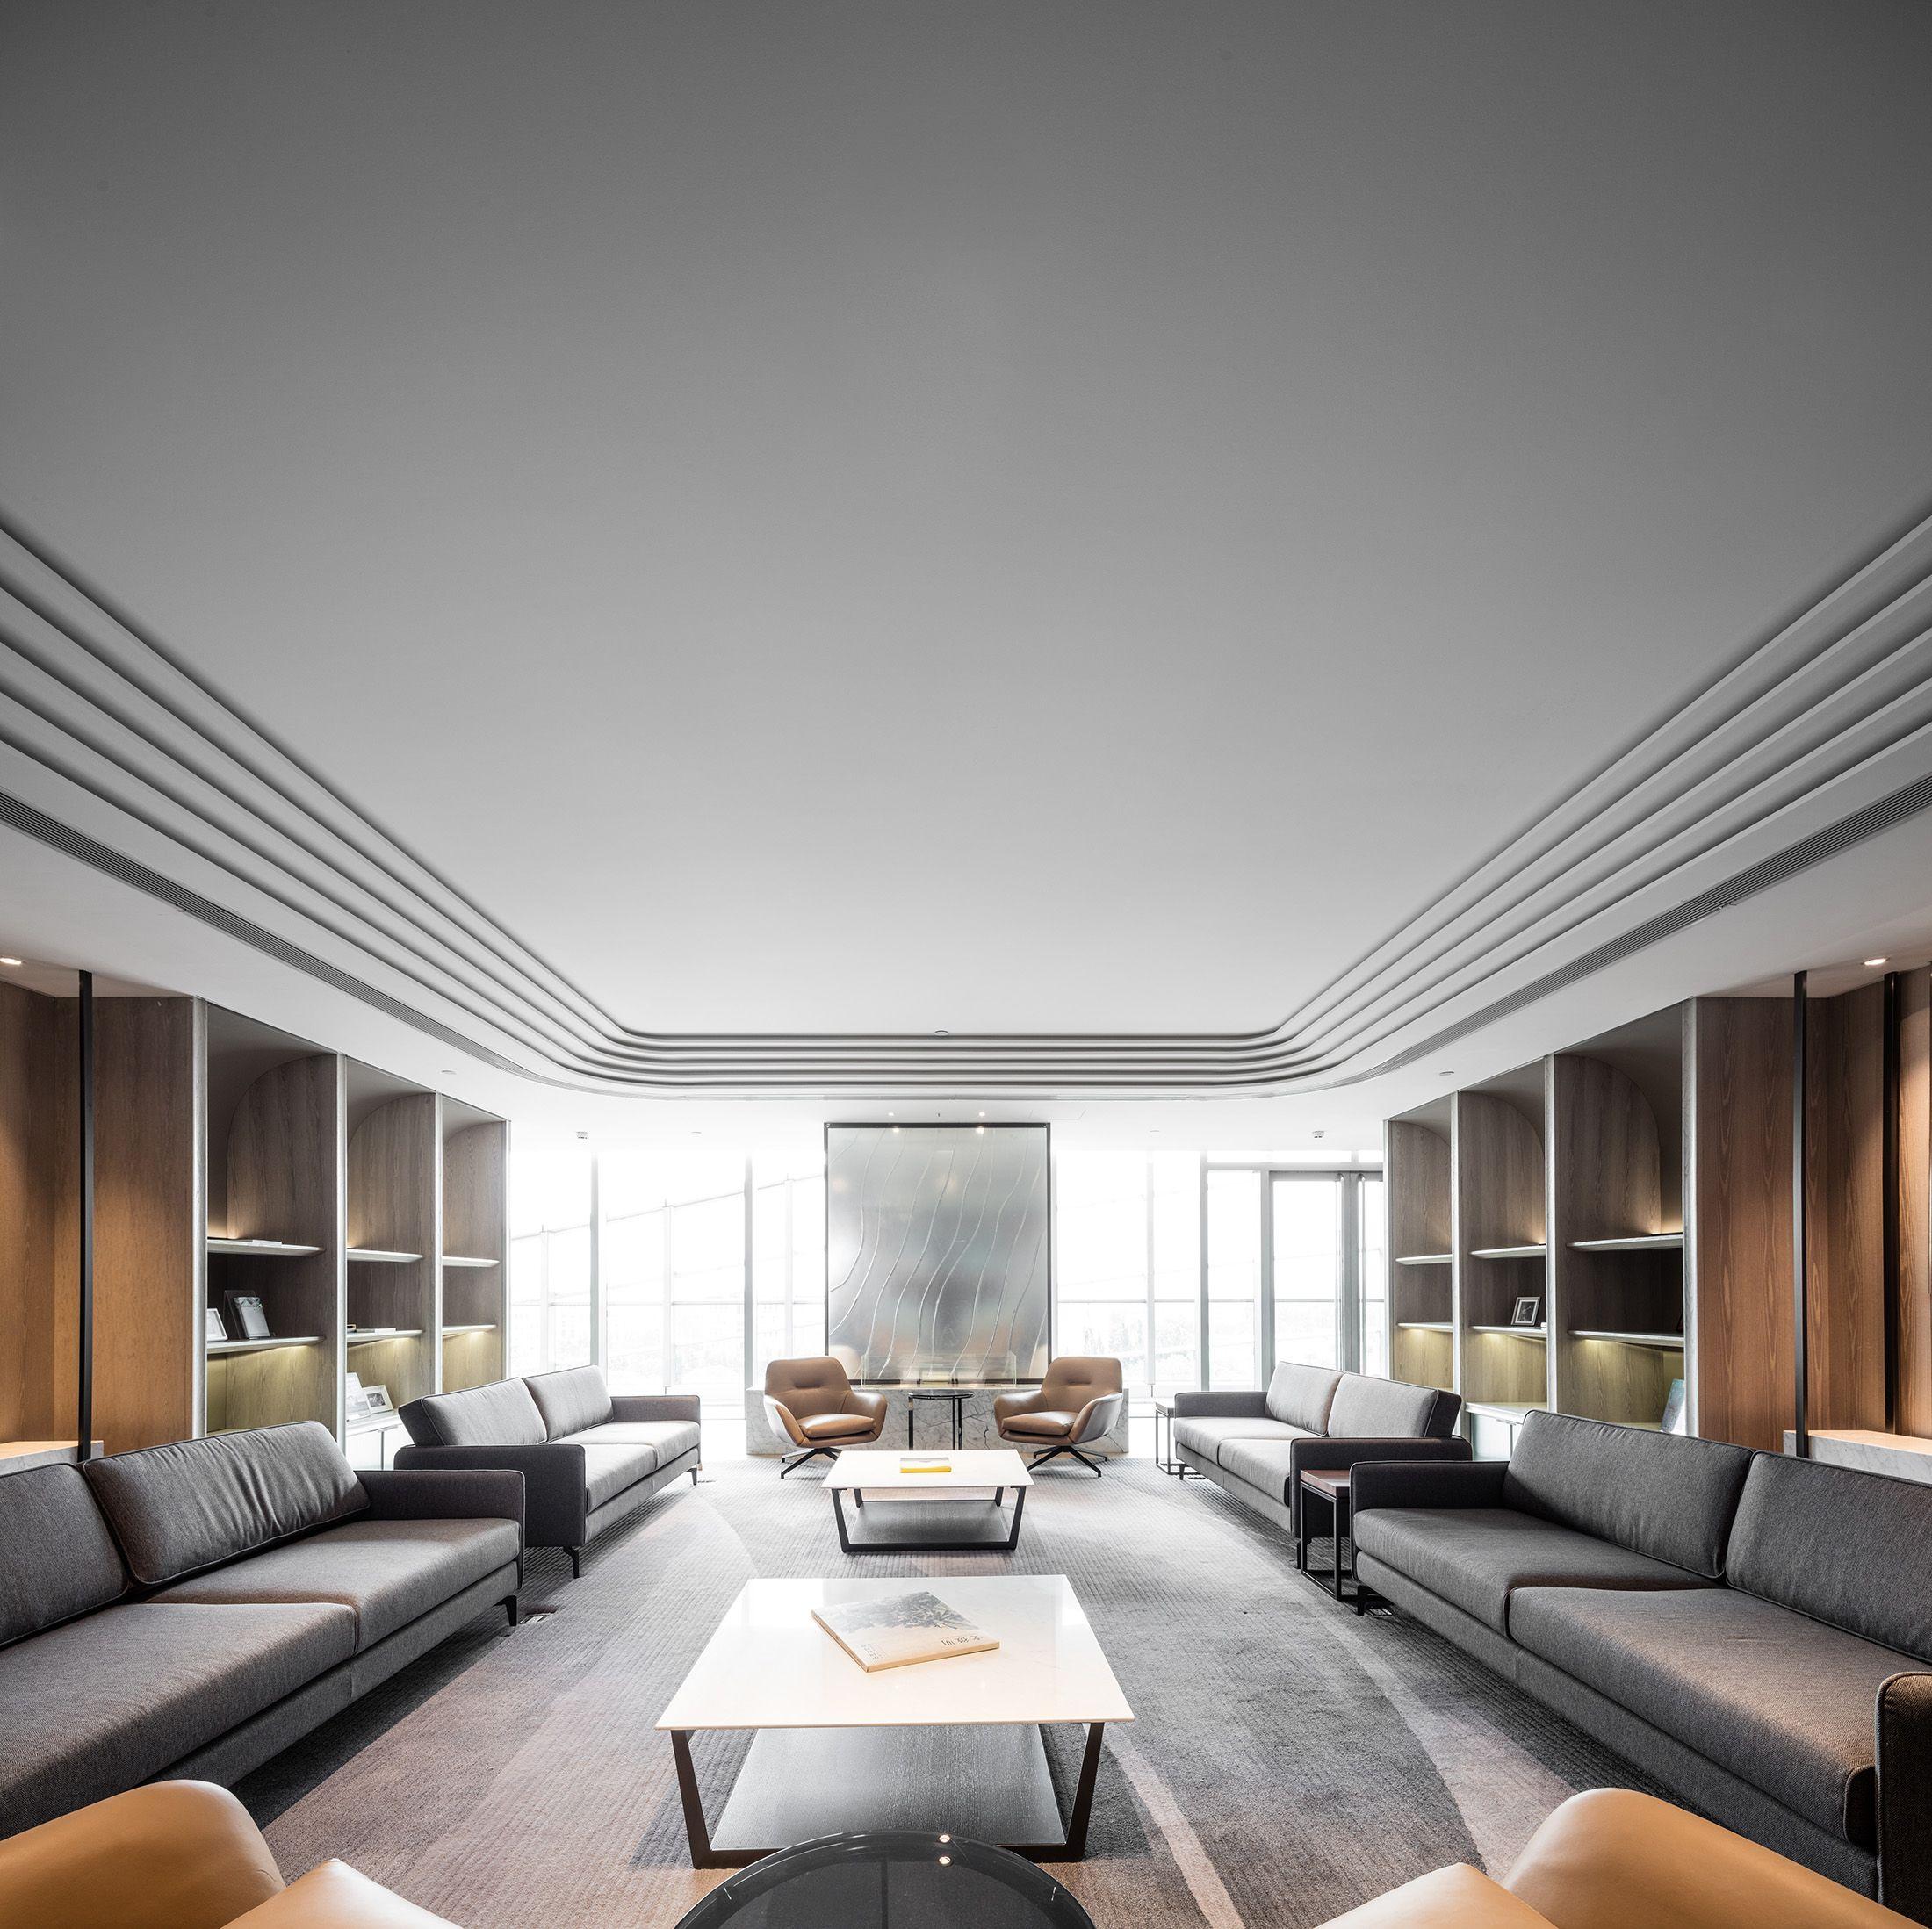 Ab Concept Interior Design Luxury Living Room Interior